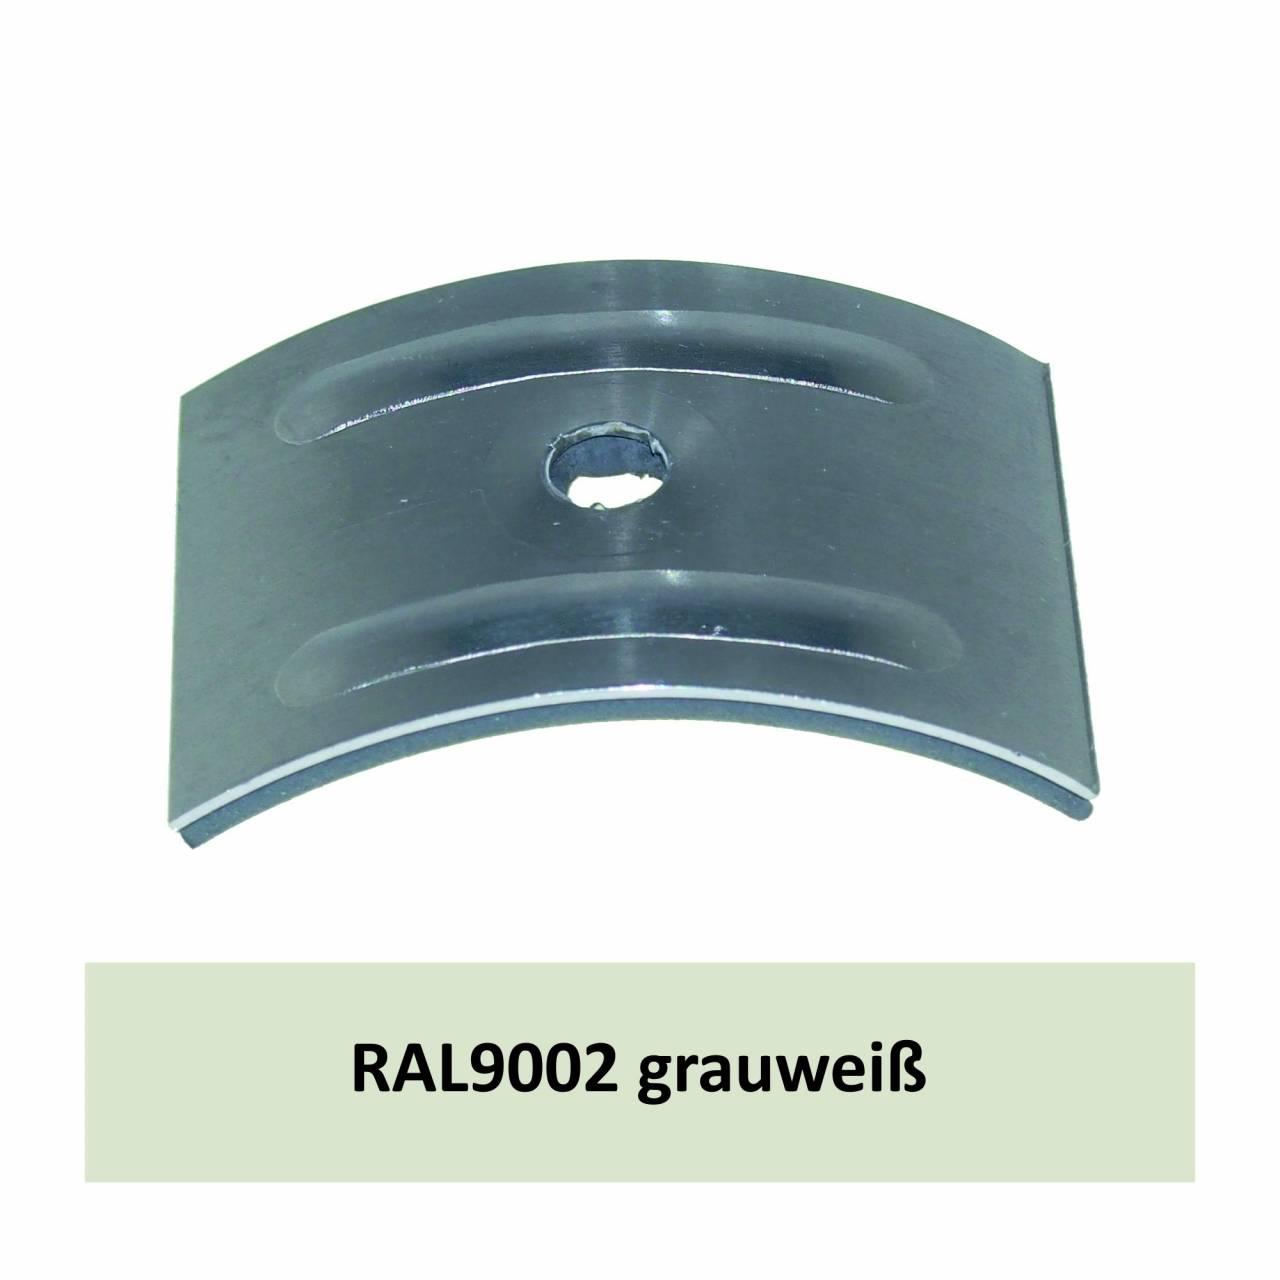 Kalotten für Welle 177/51, Alu RAL9002 grauweiß / Pck a 100 Stück